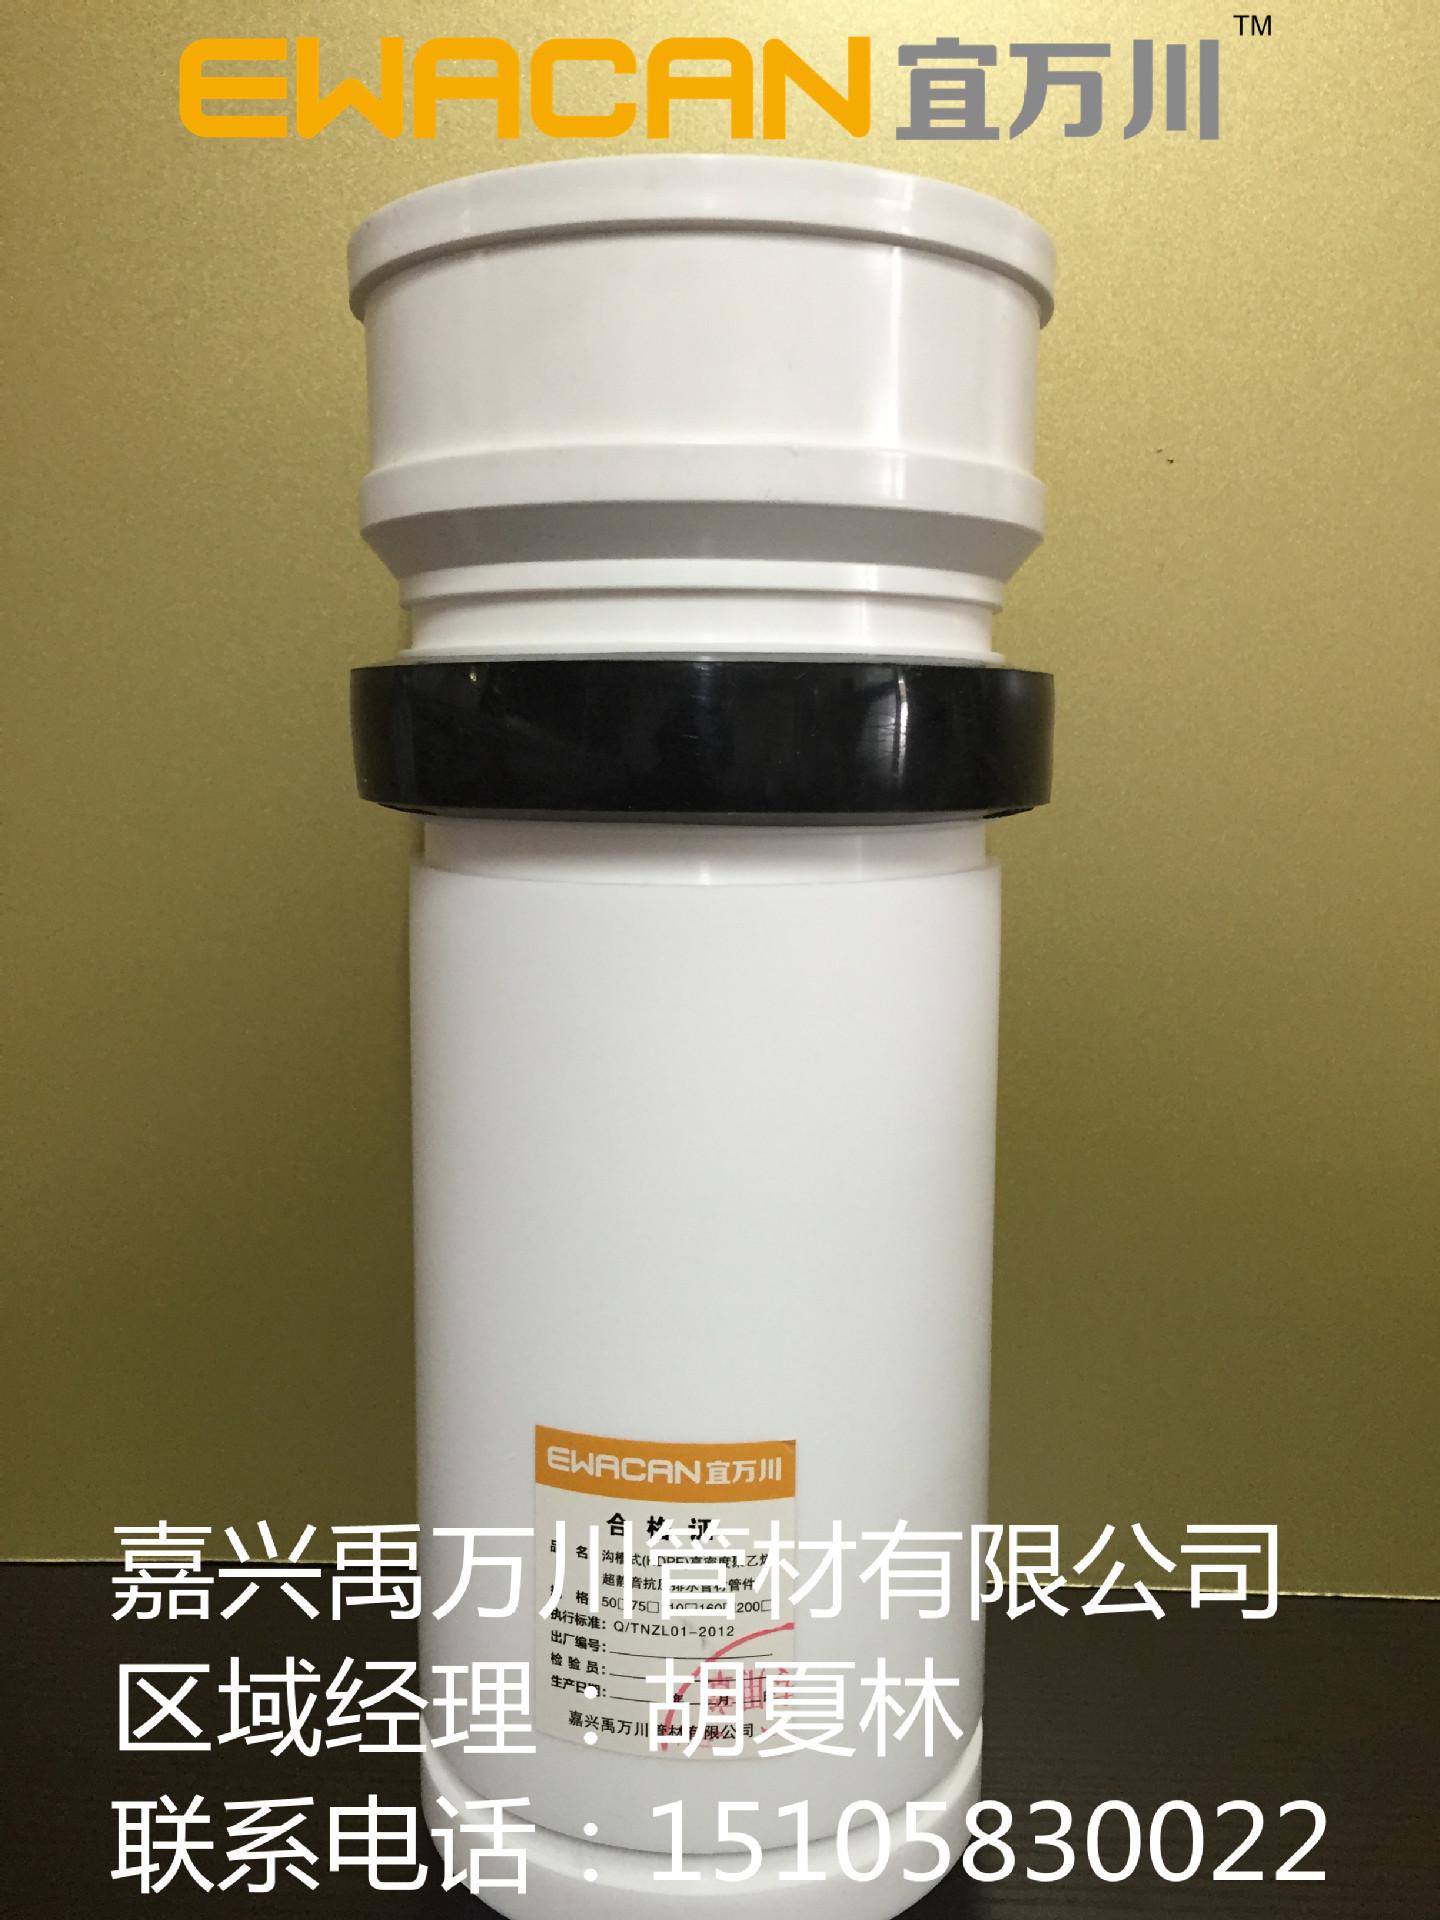 沟槽式HDPE超静音排水管,密封圈,hdpe沟槽式排水管宜万川示例图3